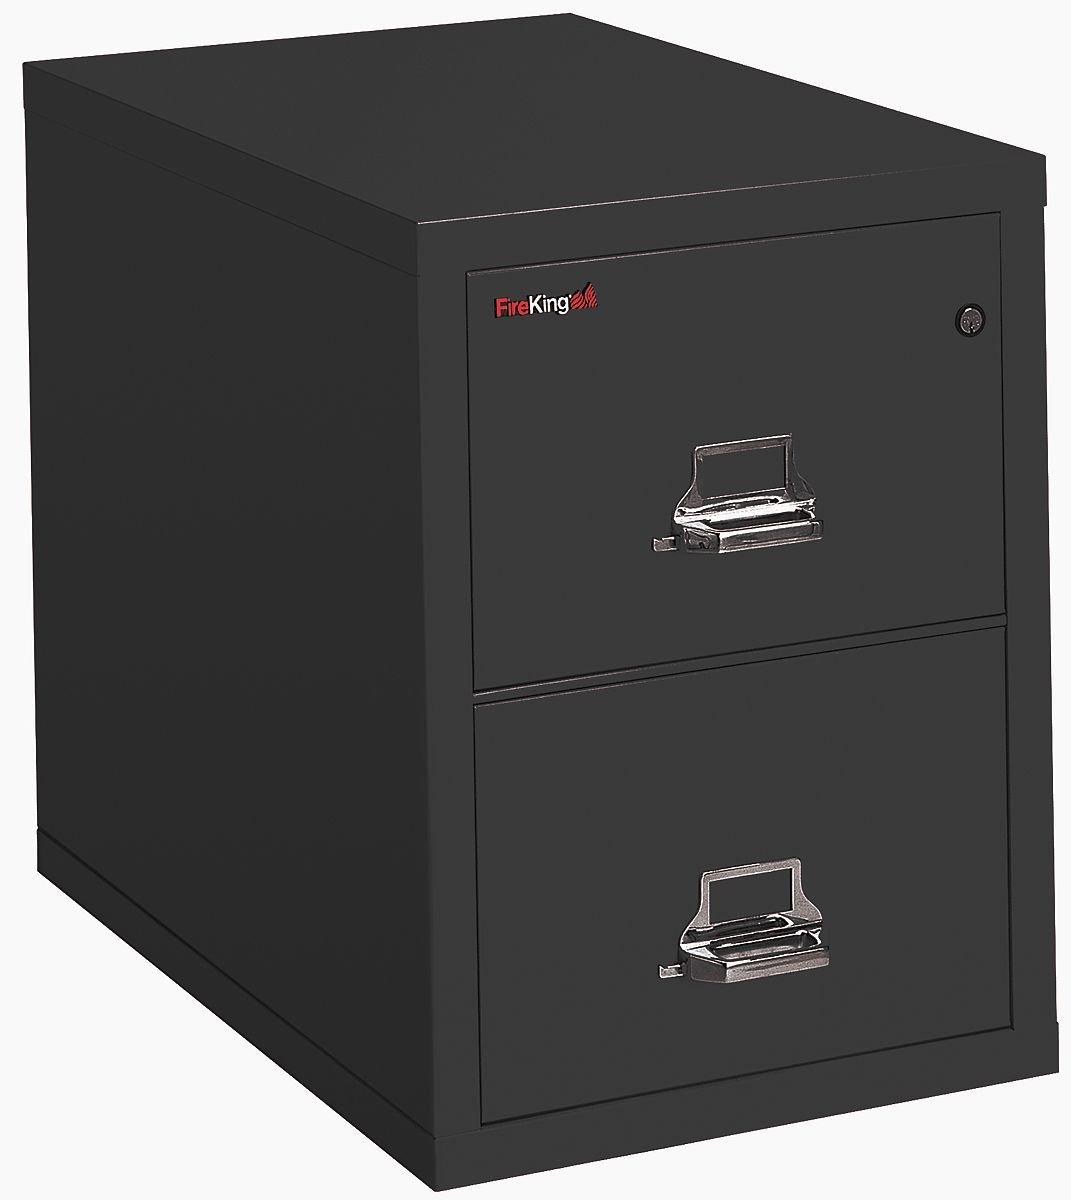 FireKing - 21825CBL - FireKing 2-1825-C Vertical File Cabinet - 17.75 x 25 x 28 - Steel - 2 x File Drawer(s) - Letter - Insulated, Key Lock, Scratch-Resistant, Fireproof, Water Resistant - Black, by FireKing